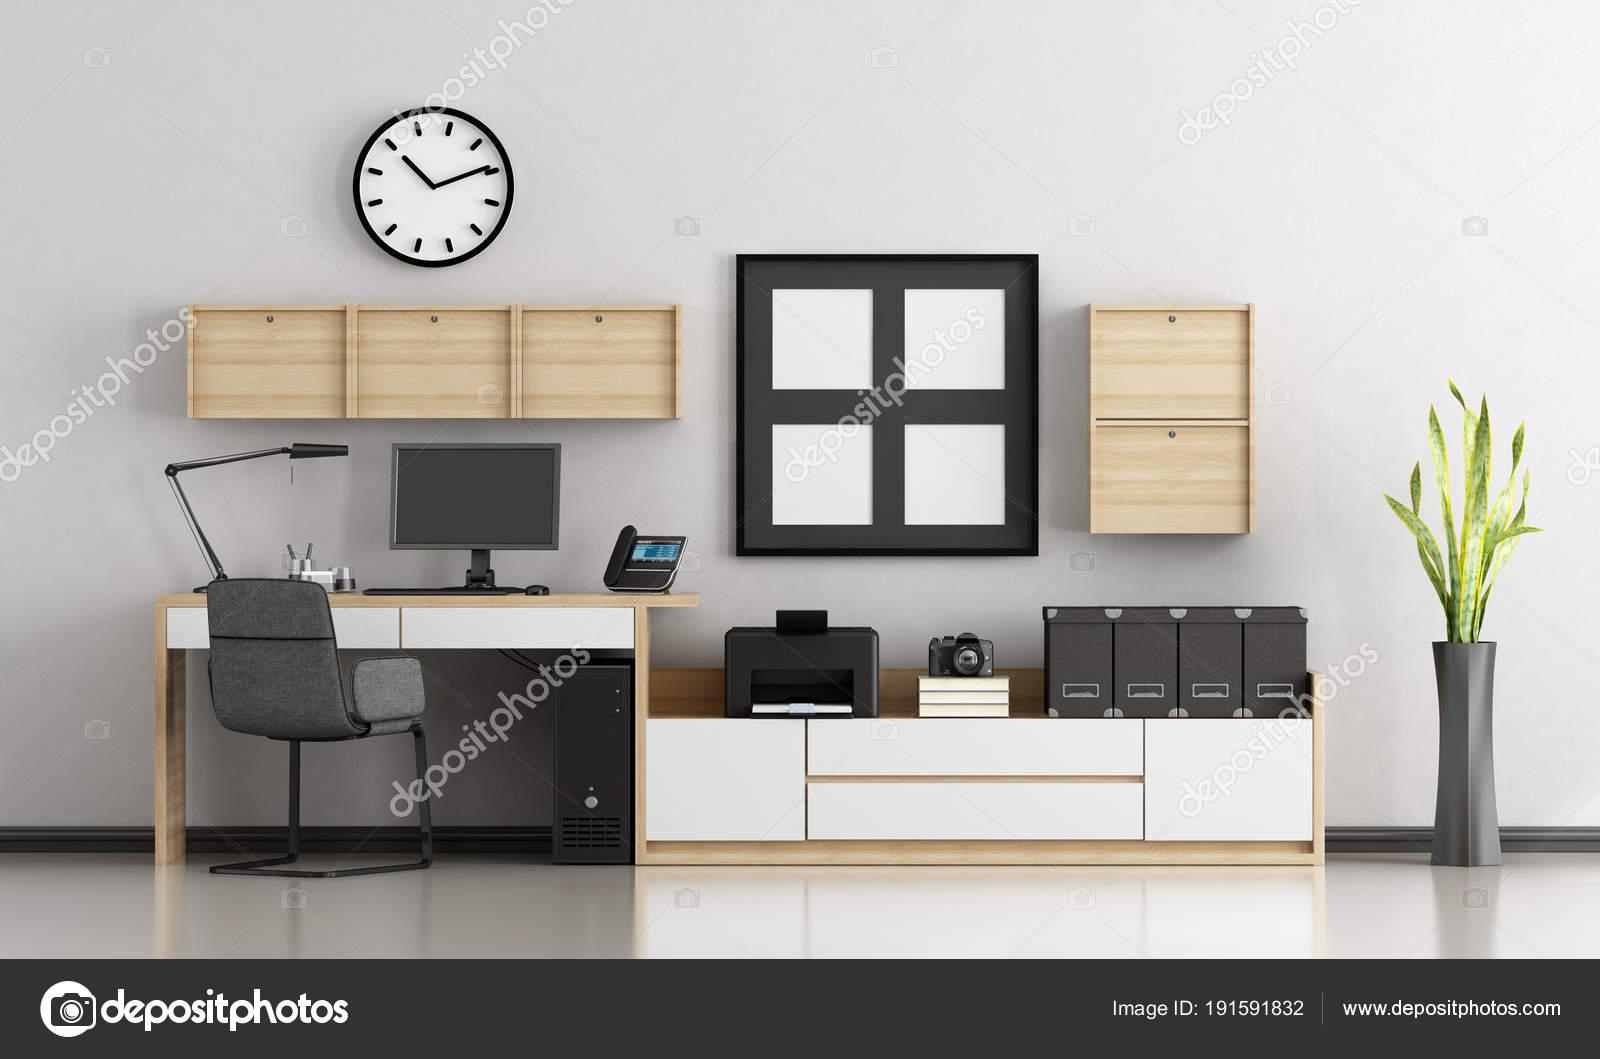 Entzuckend Minimalistische Zuhause Am Arbeitsplatz U2014 Stockfoto